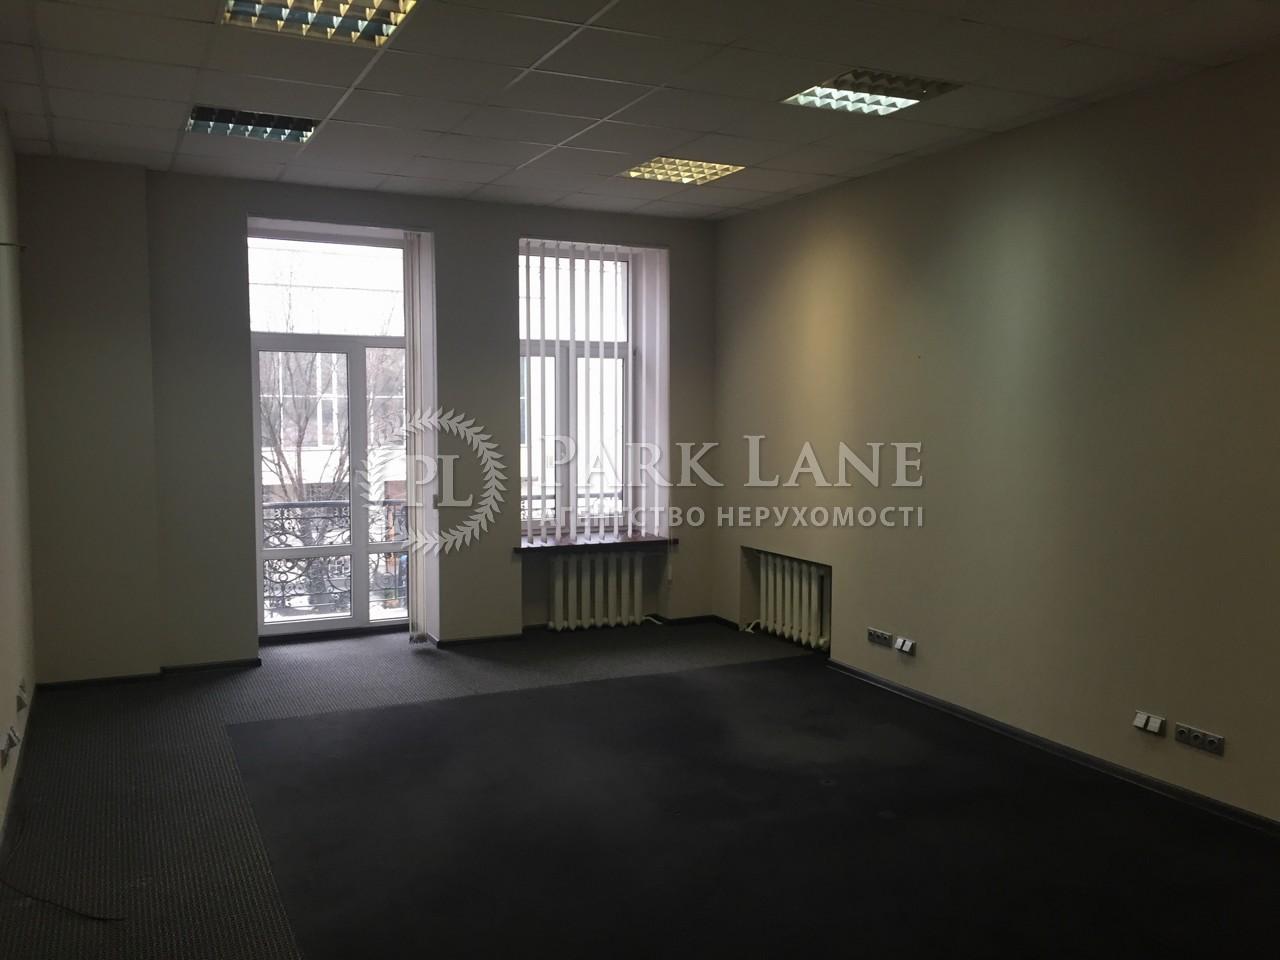 Нежилое помещение, ул. Ярославов Вал, Киев, K-22139 - Фото 3